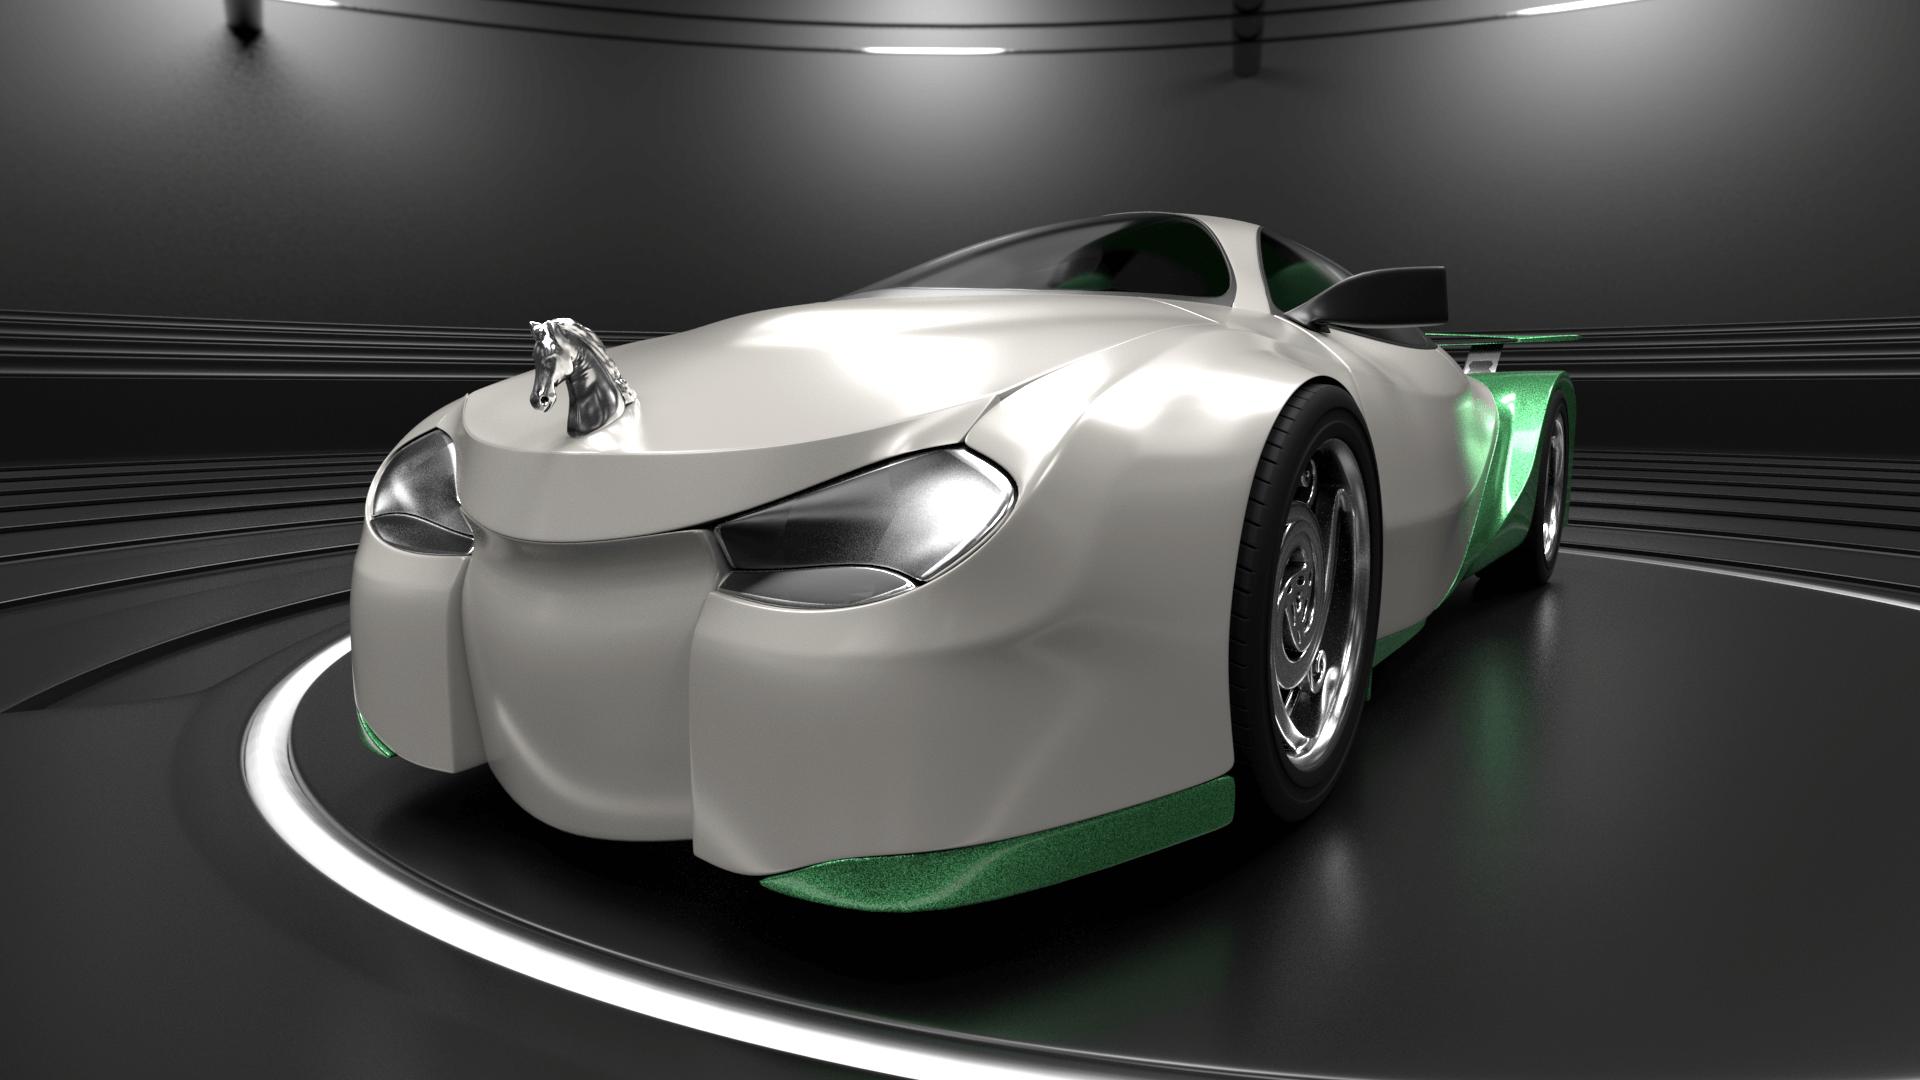 Shrek's Onion Carriage as a supercar 4